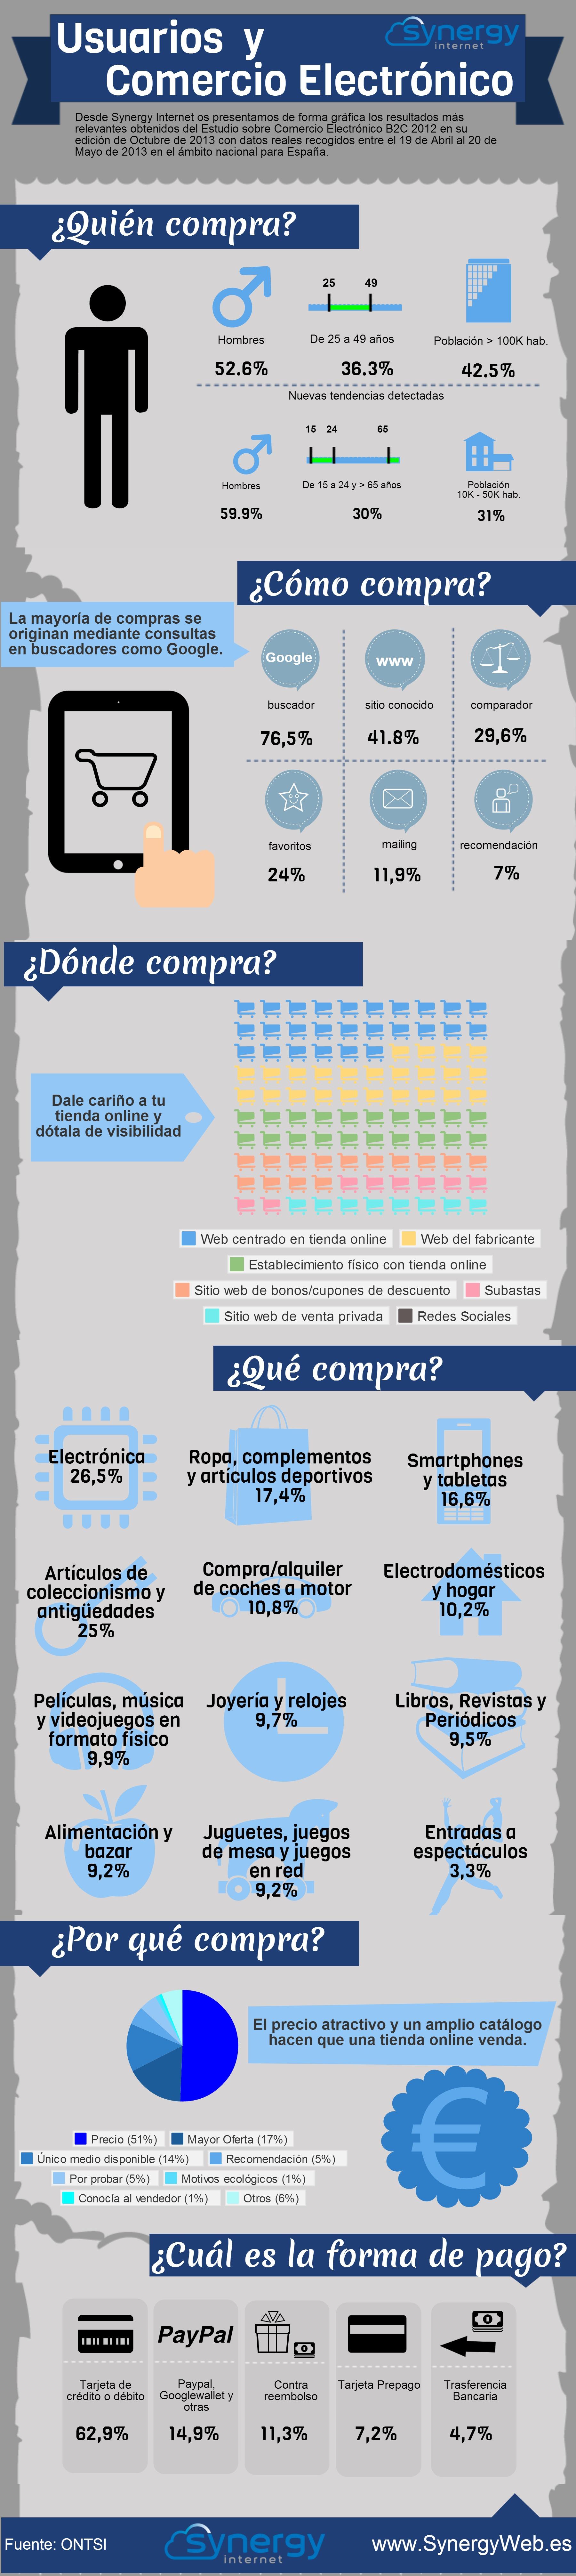 E-commerce - www.rubenalonso.es